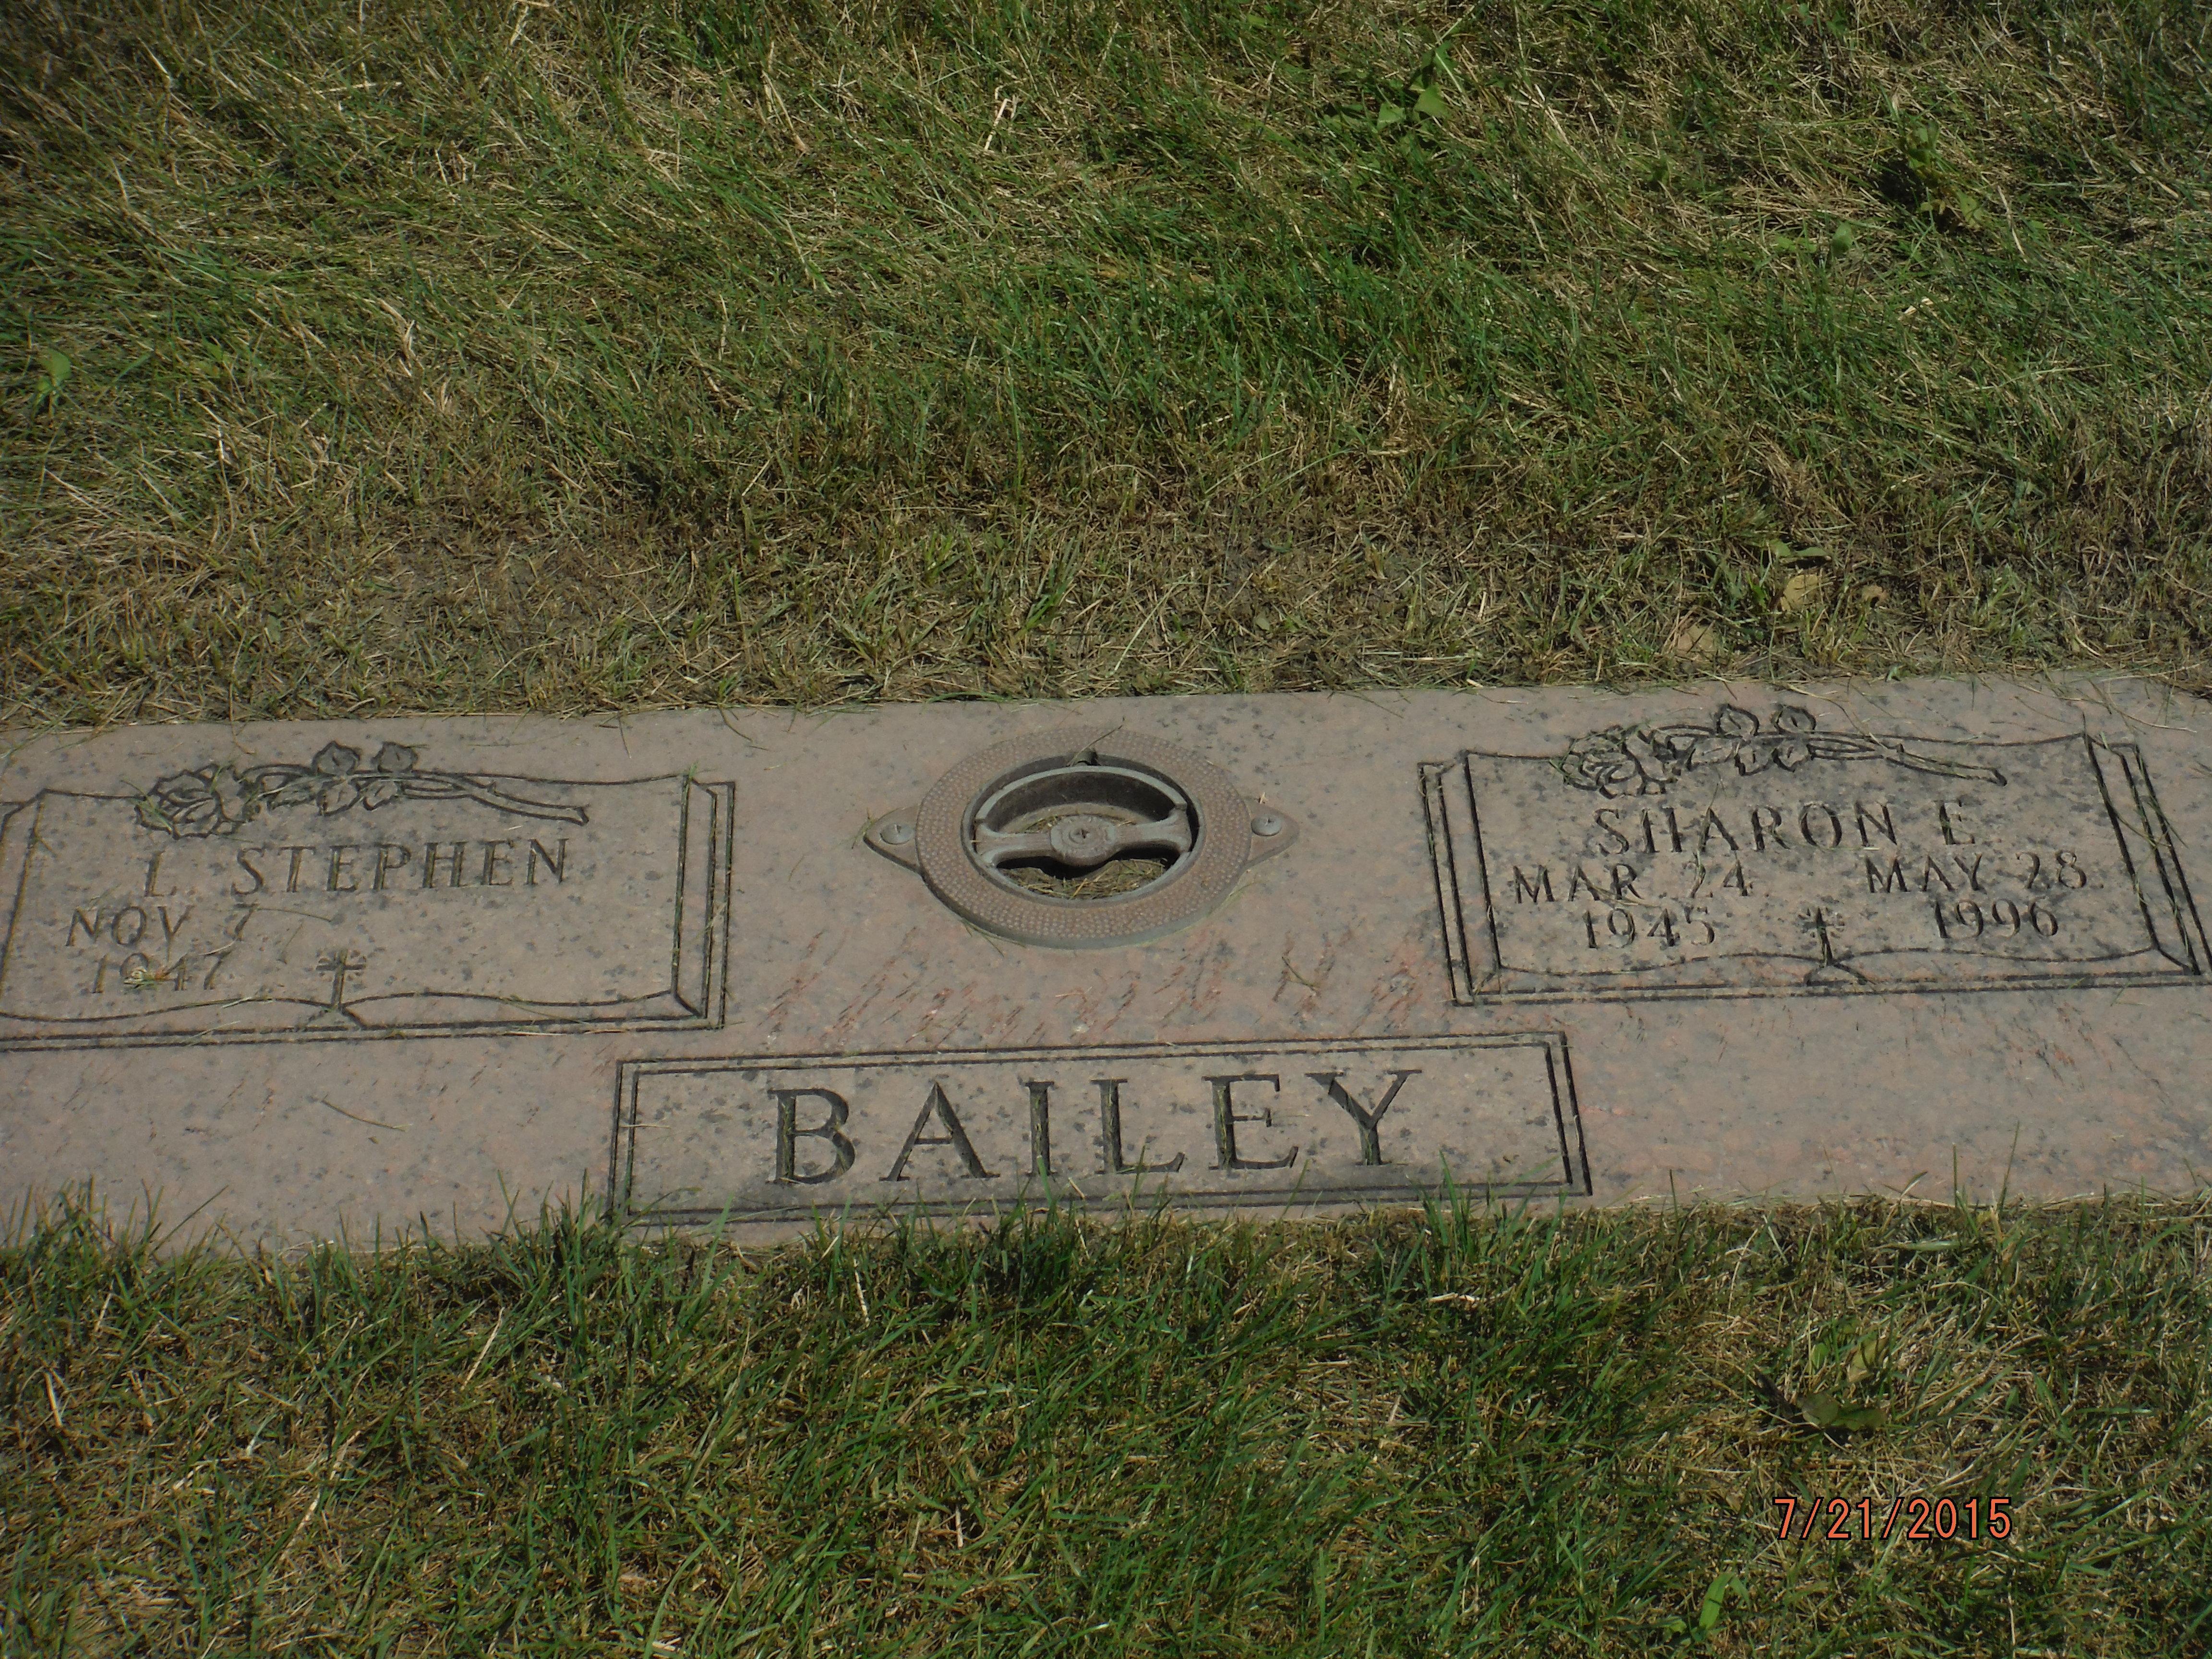 Sharon Elizabeth Lintner Bailey 1945 1996 Find A Grave Memorial